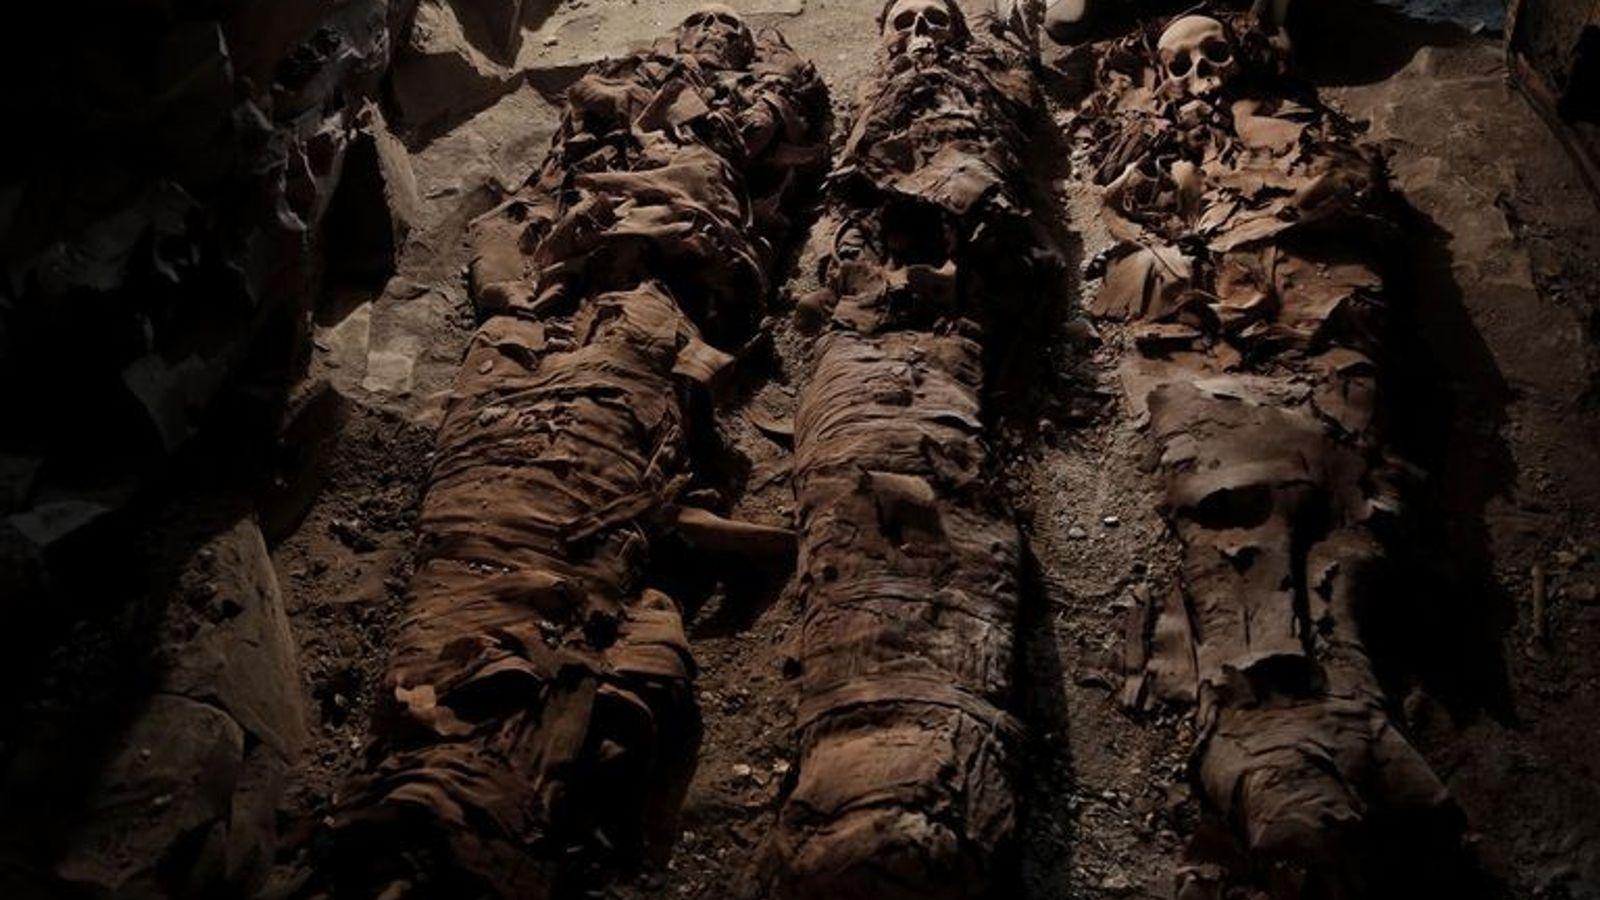 Trois momies reposent dans la tombe tout juste découverte près de Louxor.